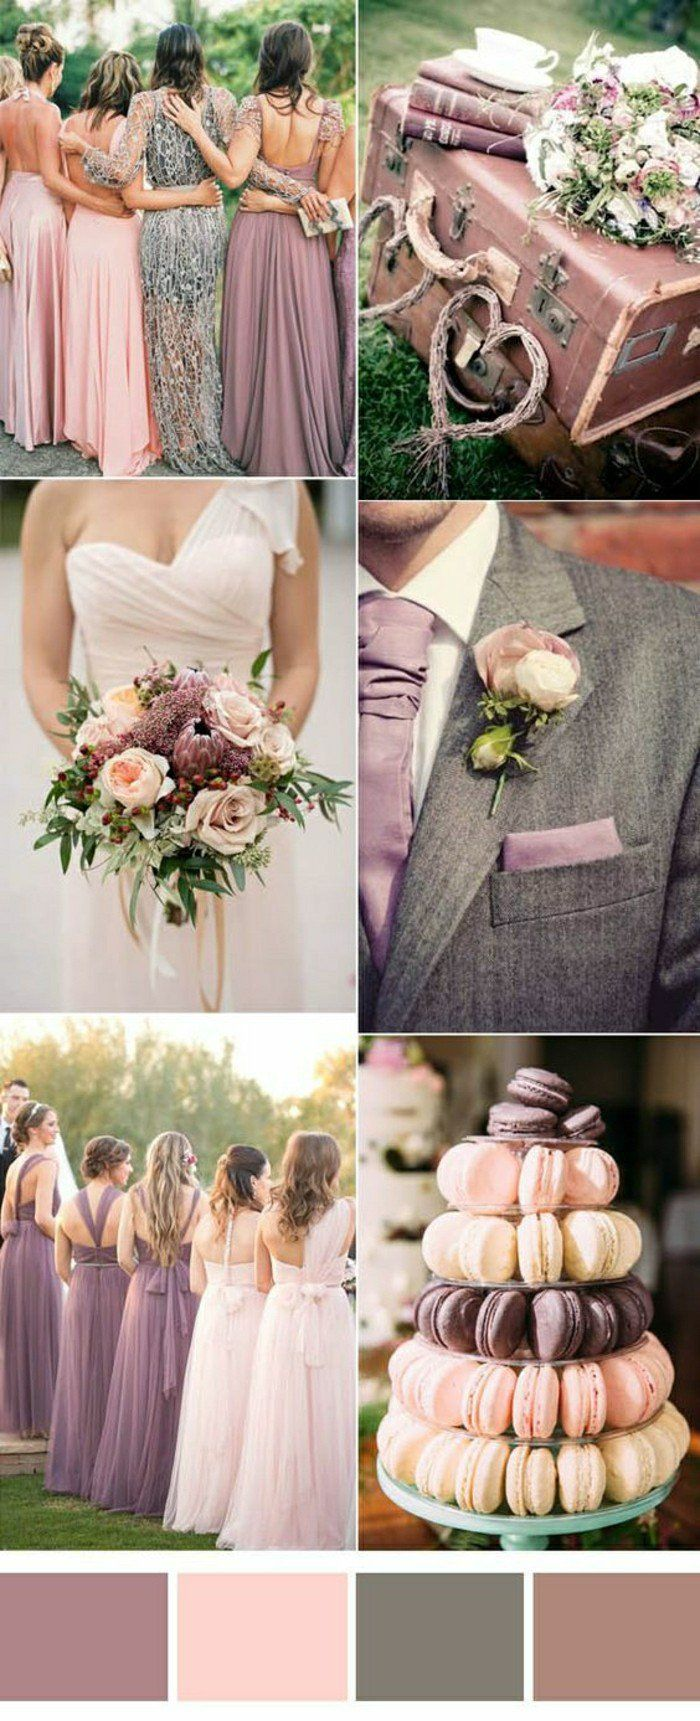 les 25 meilleures id es de la cat gorie mariages gris roses sur pinterest fleurs de mariage de. Black Bedroom Furniture Sets. Home Design Ideas